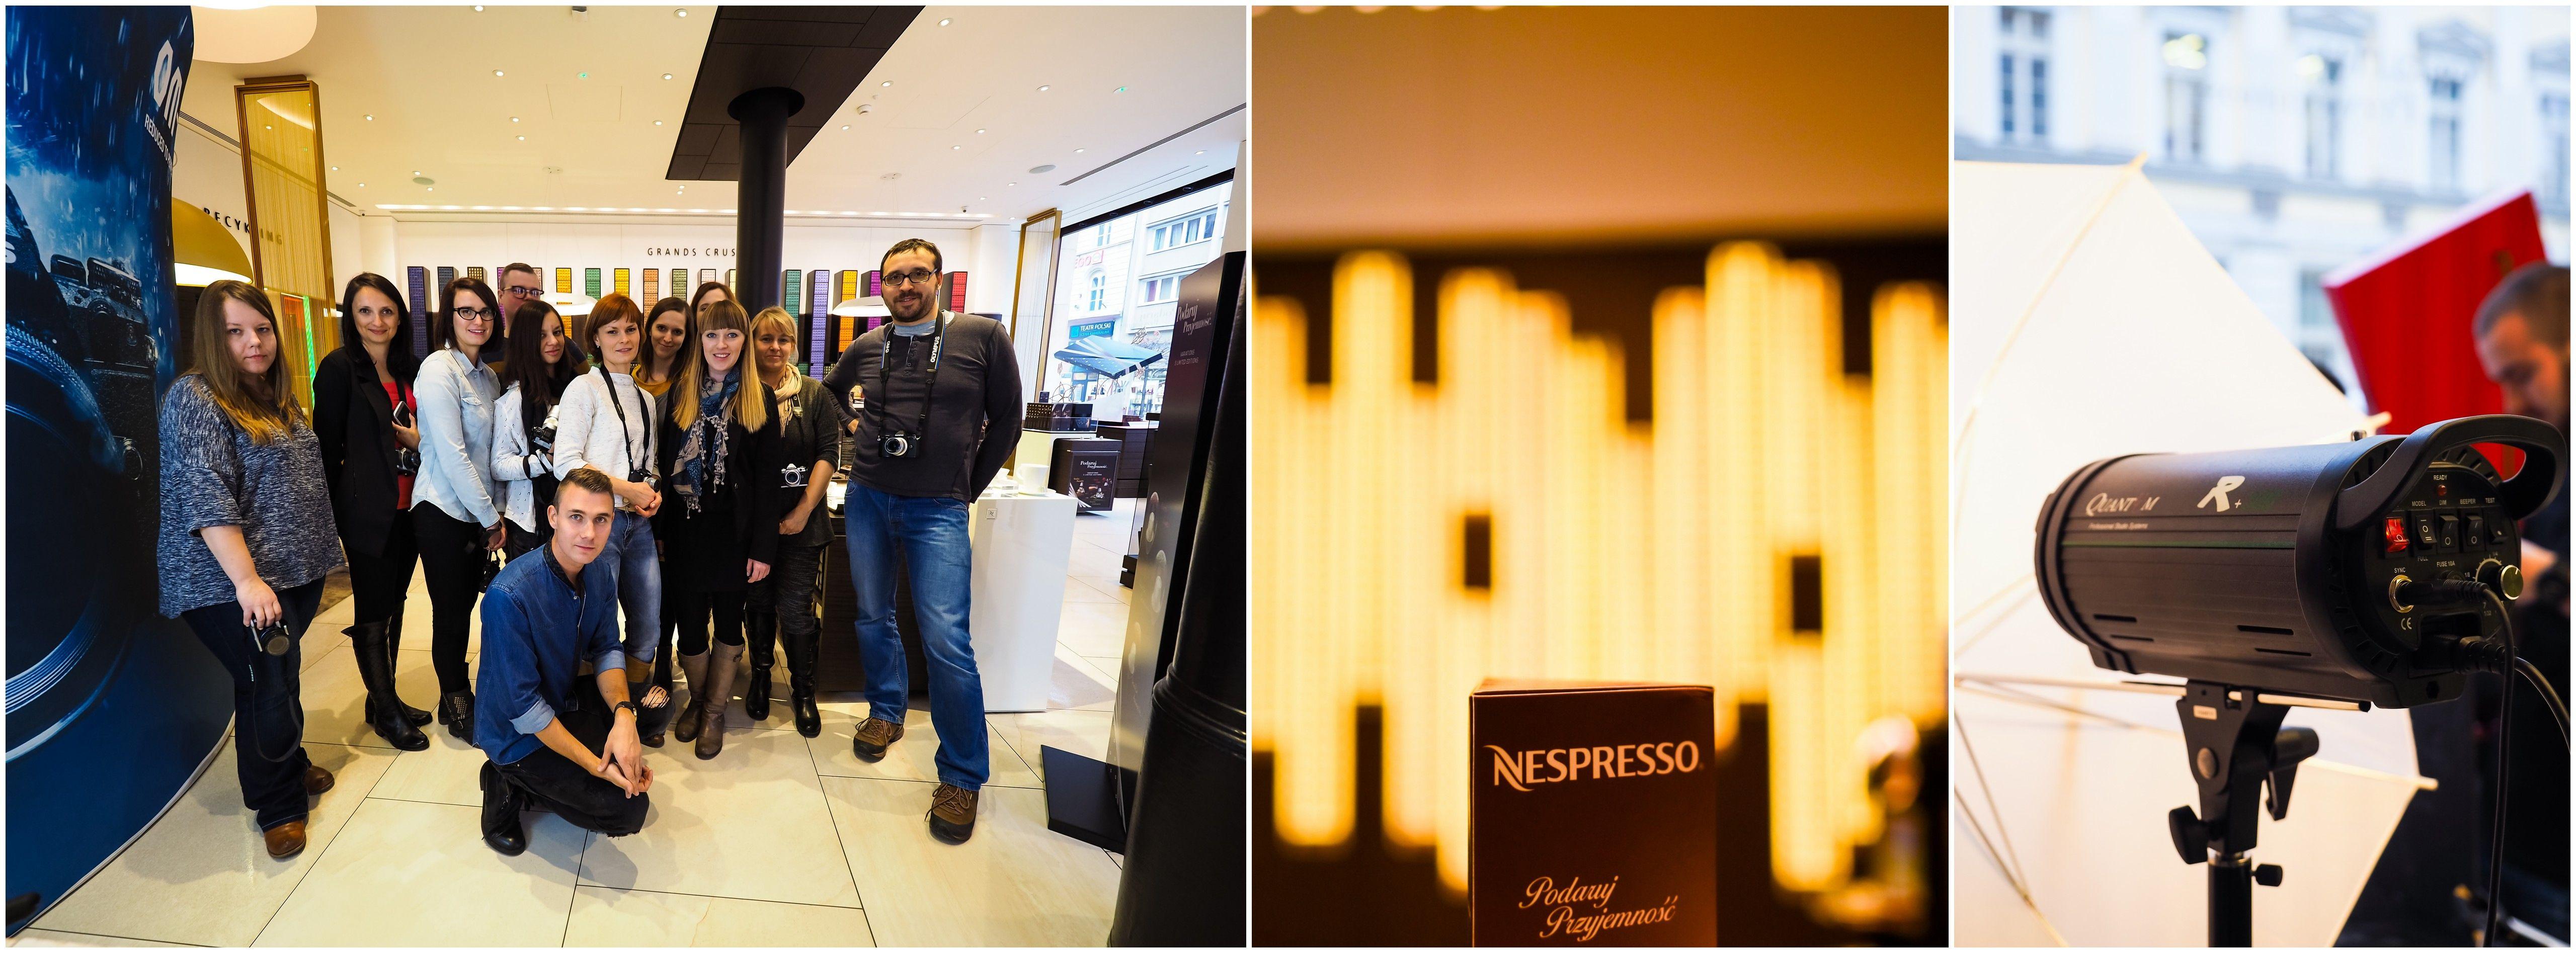 nespresso (4)